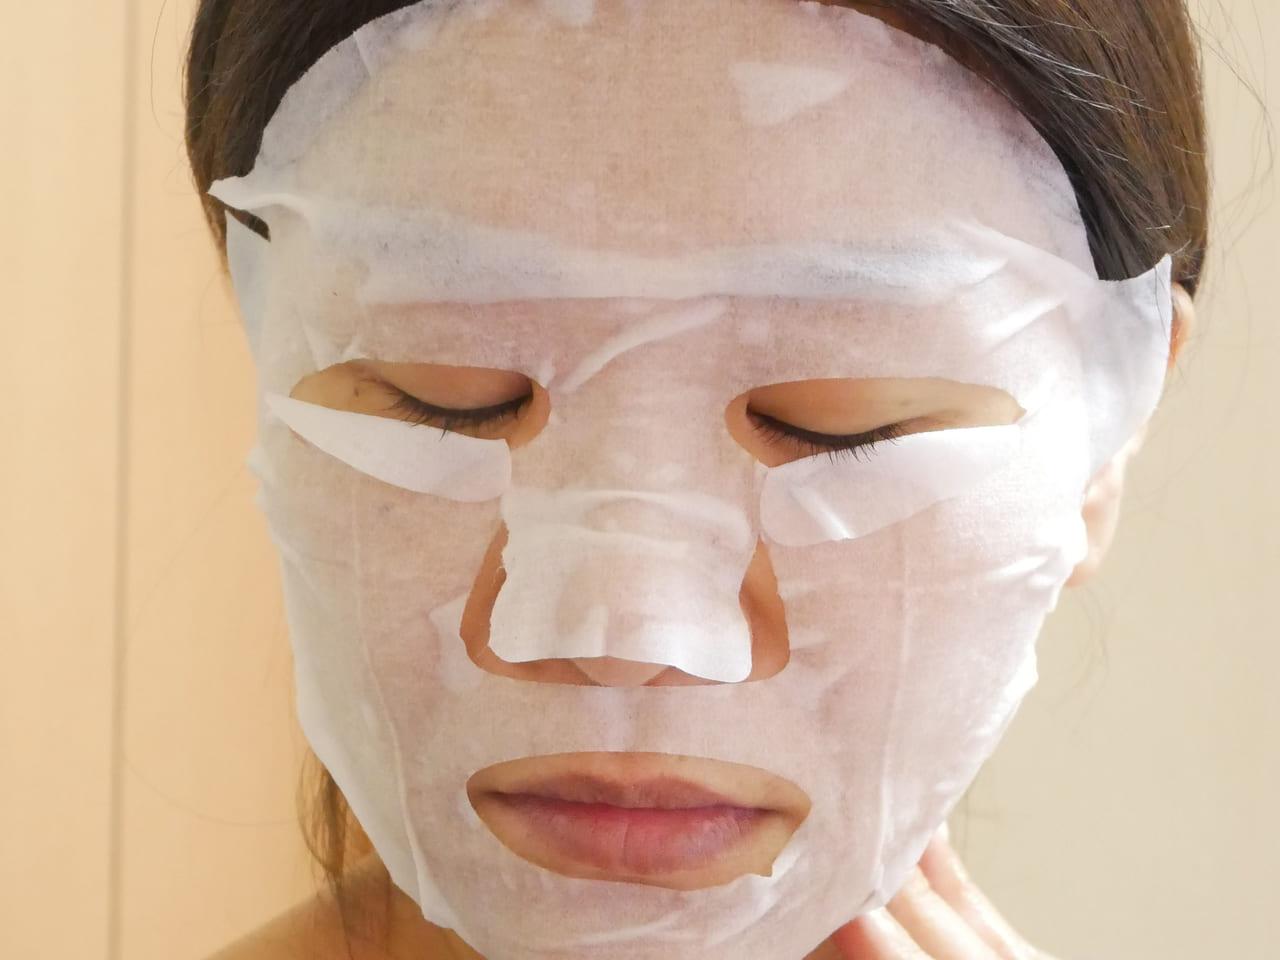 クオリティファースト オールインワンシートマスク 使ってみた